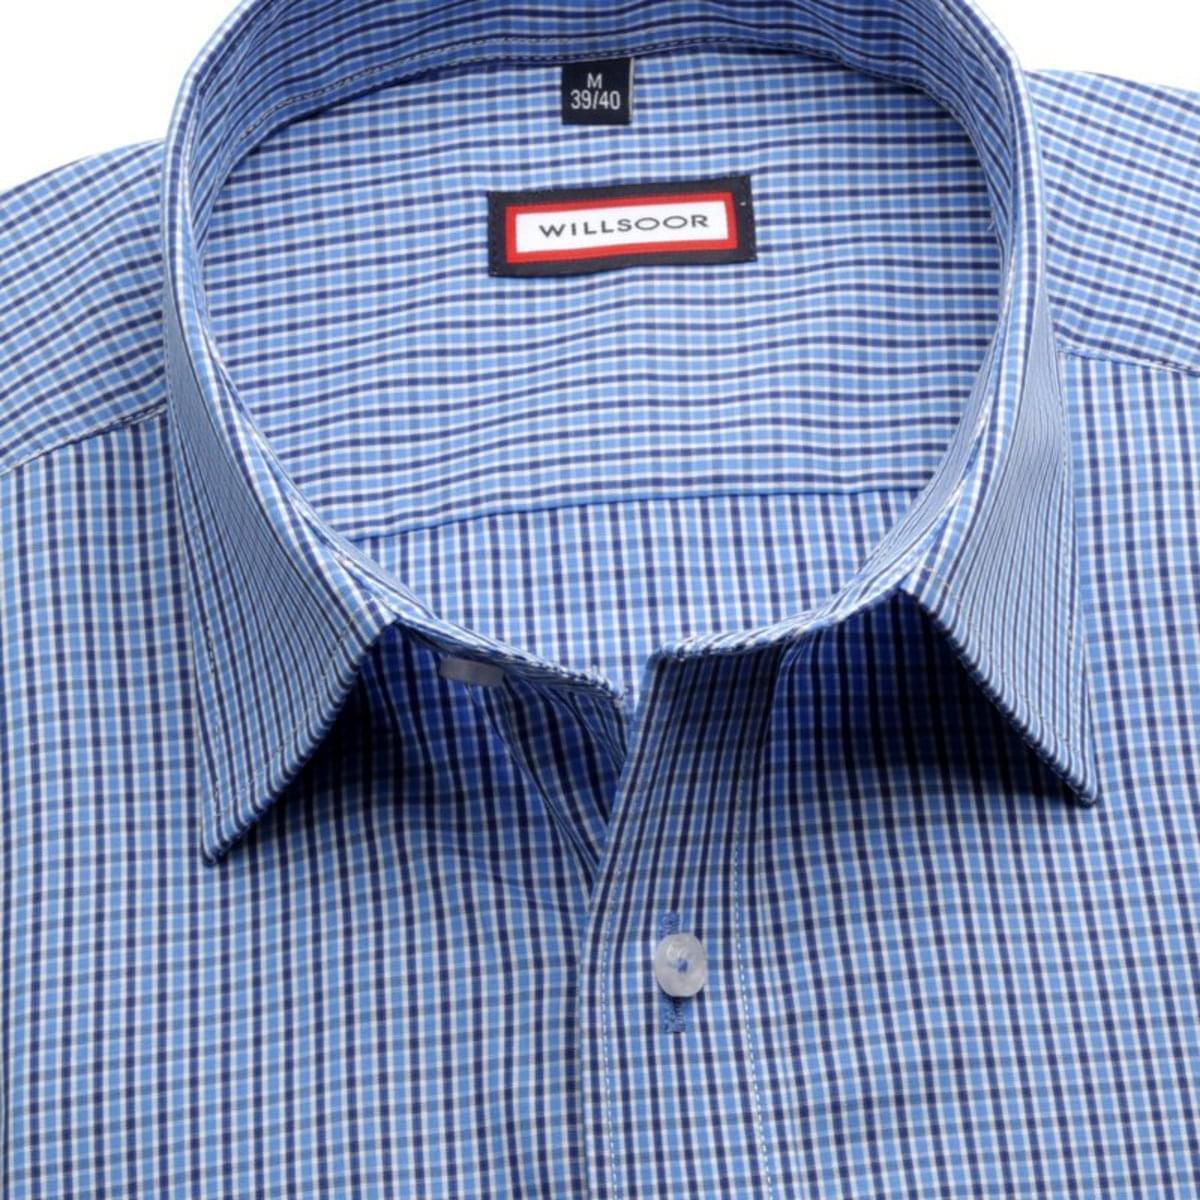 Pánská slim fit košile (výška 176-182) 7365 v modré barvě s formulí Easy Care 176-182 / L (41/42)